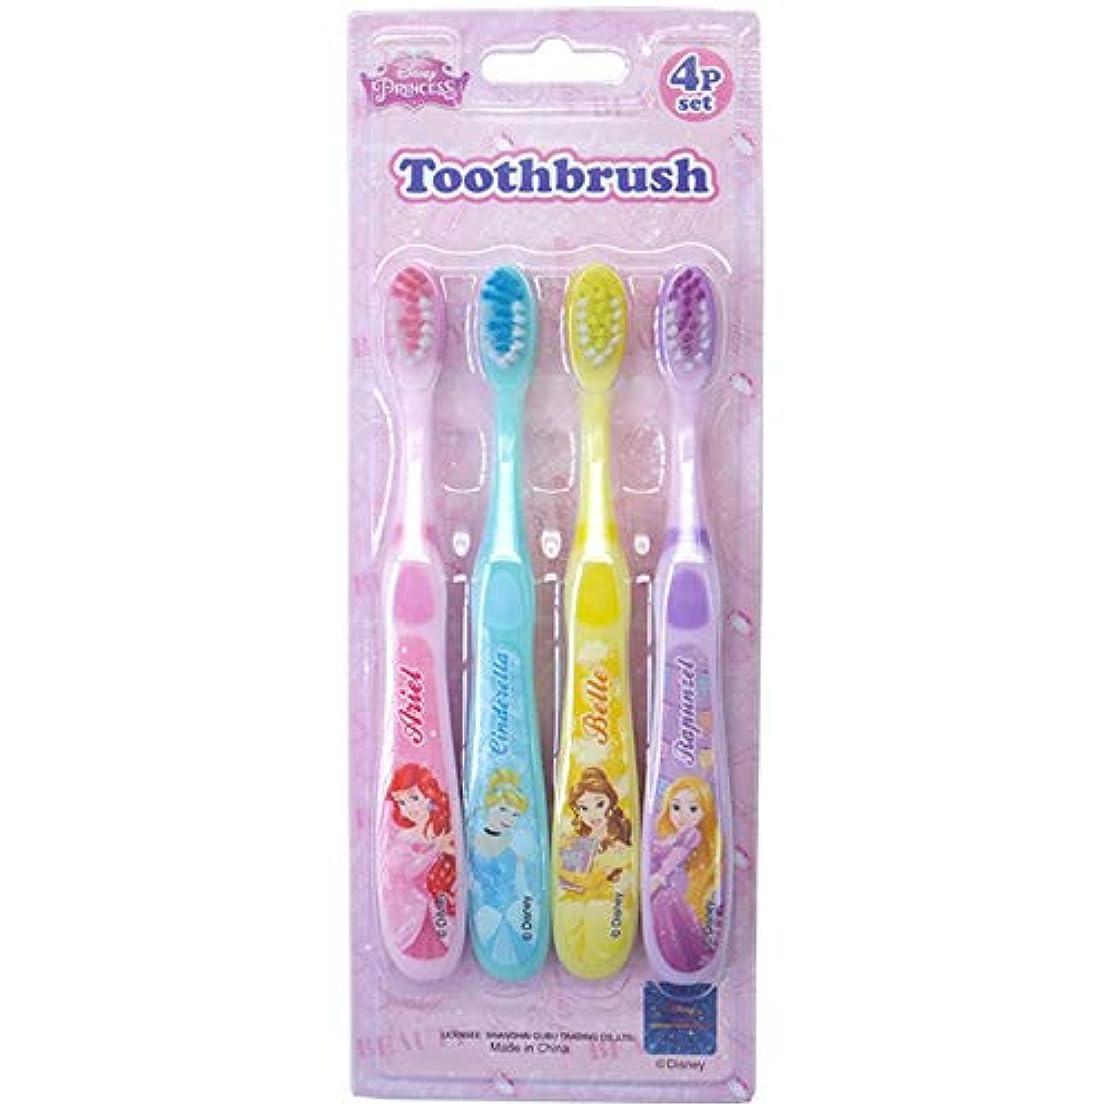 静かなマトン弾薬歯ブラシ4Pセット 26911-12(11/プリンセス) キャラクター Disney ディズニー オーラルケア 歯磨き 洗面所 子供 キッズ